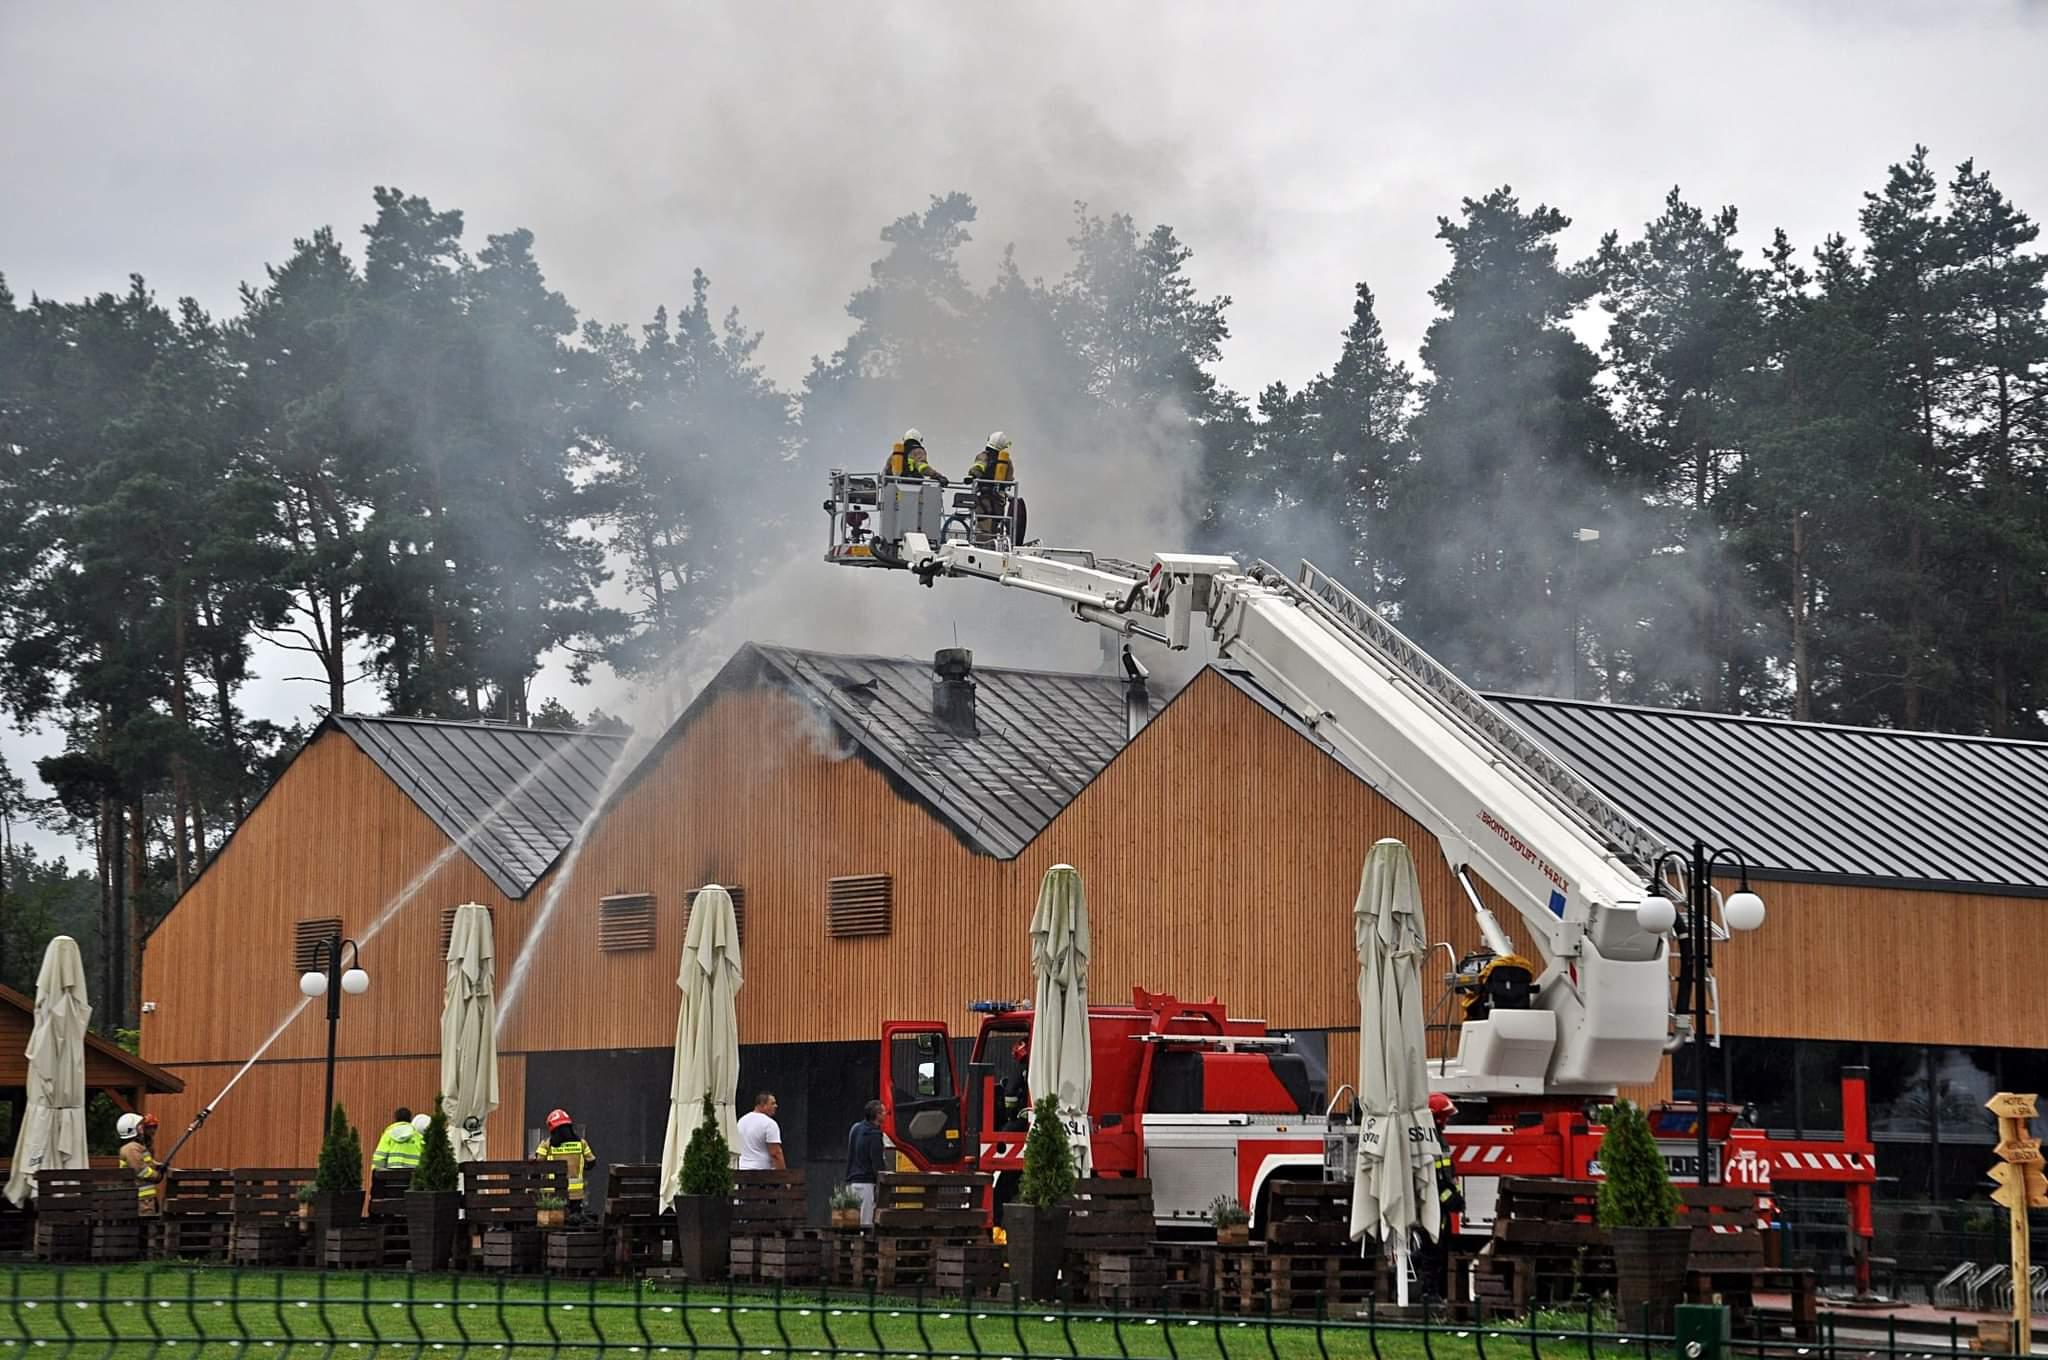 Z REGIONU: Duży pożar kompleksu turystycznego [ZDJĘCIA] - Zdjęcie główne